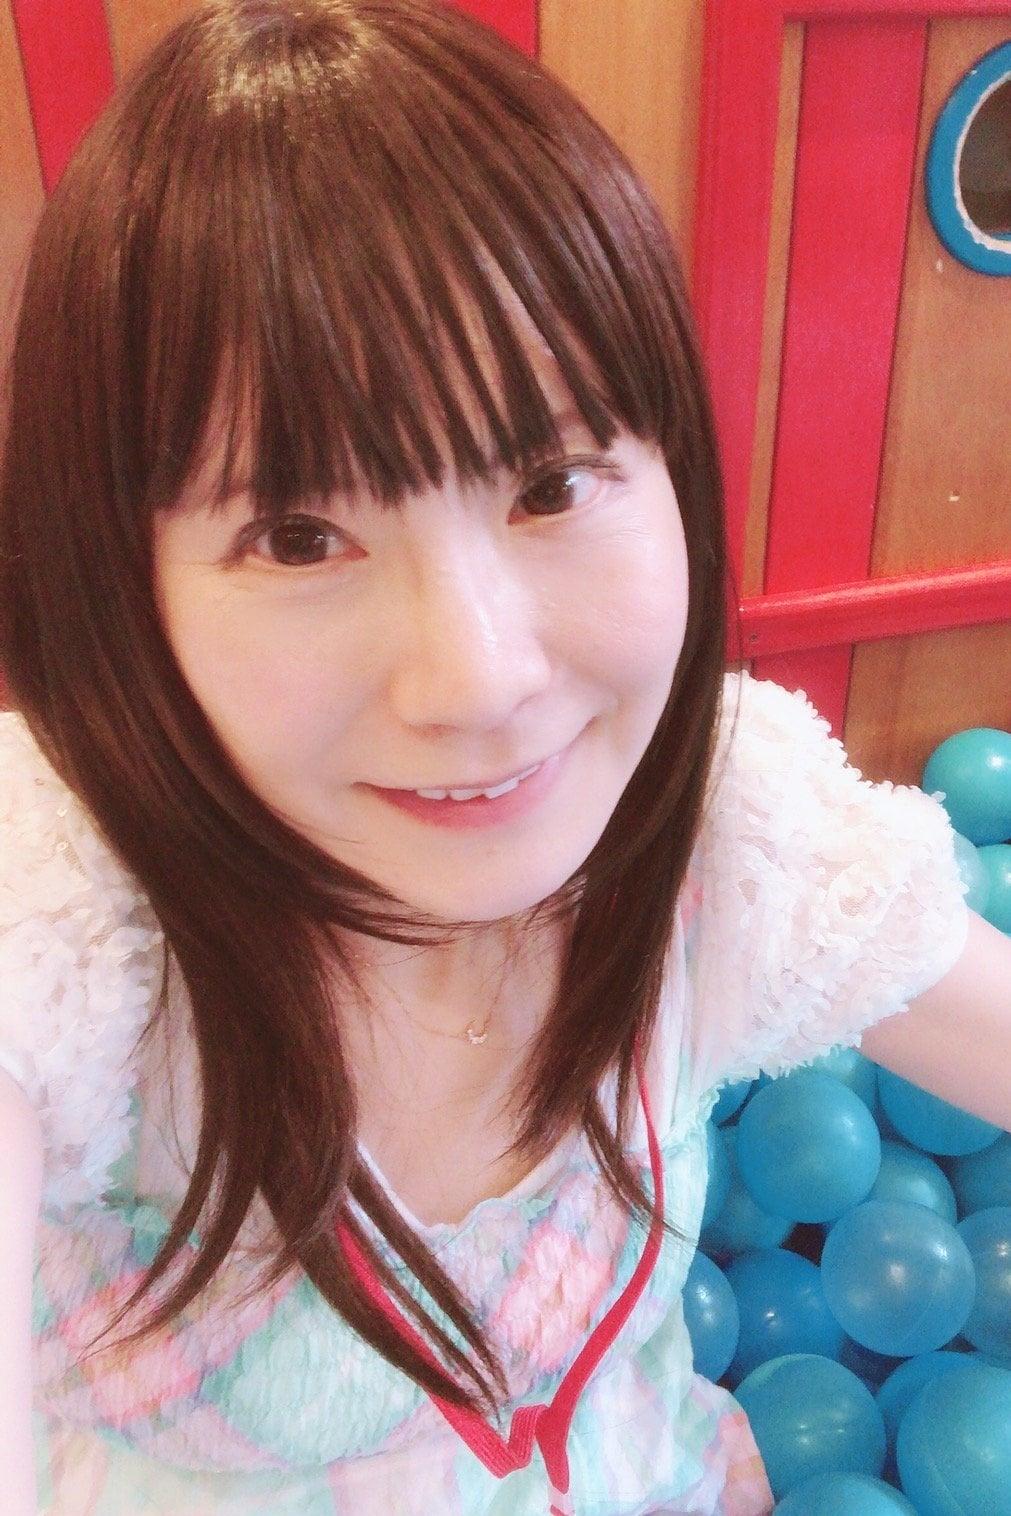 Mai Nagai